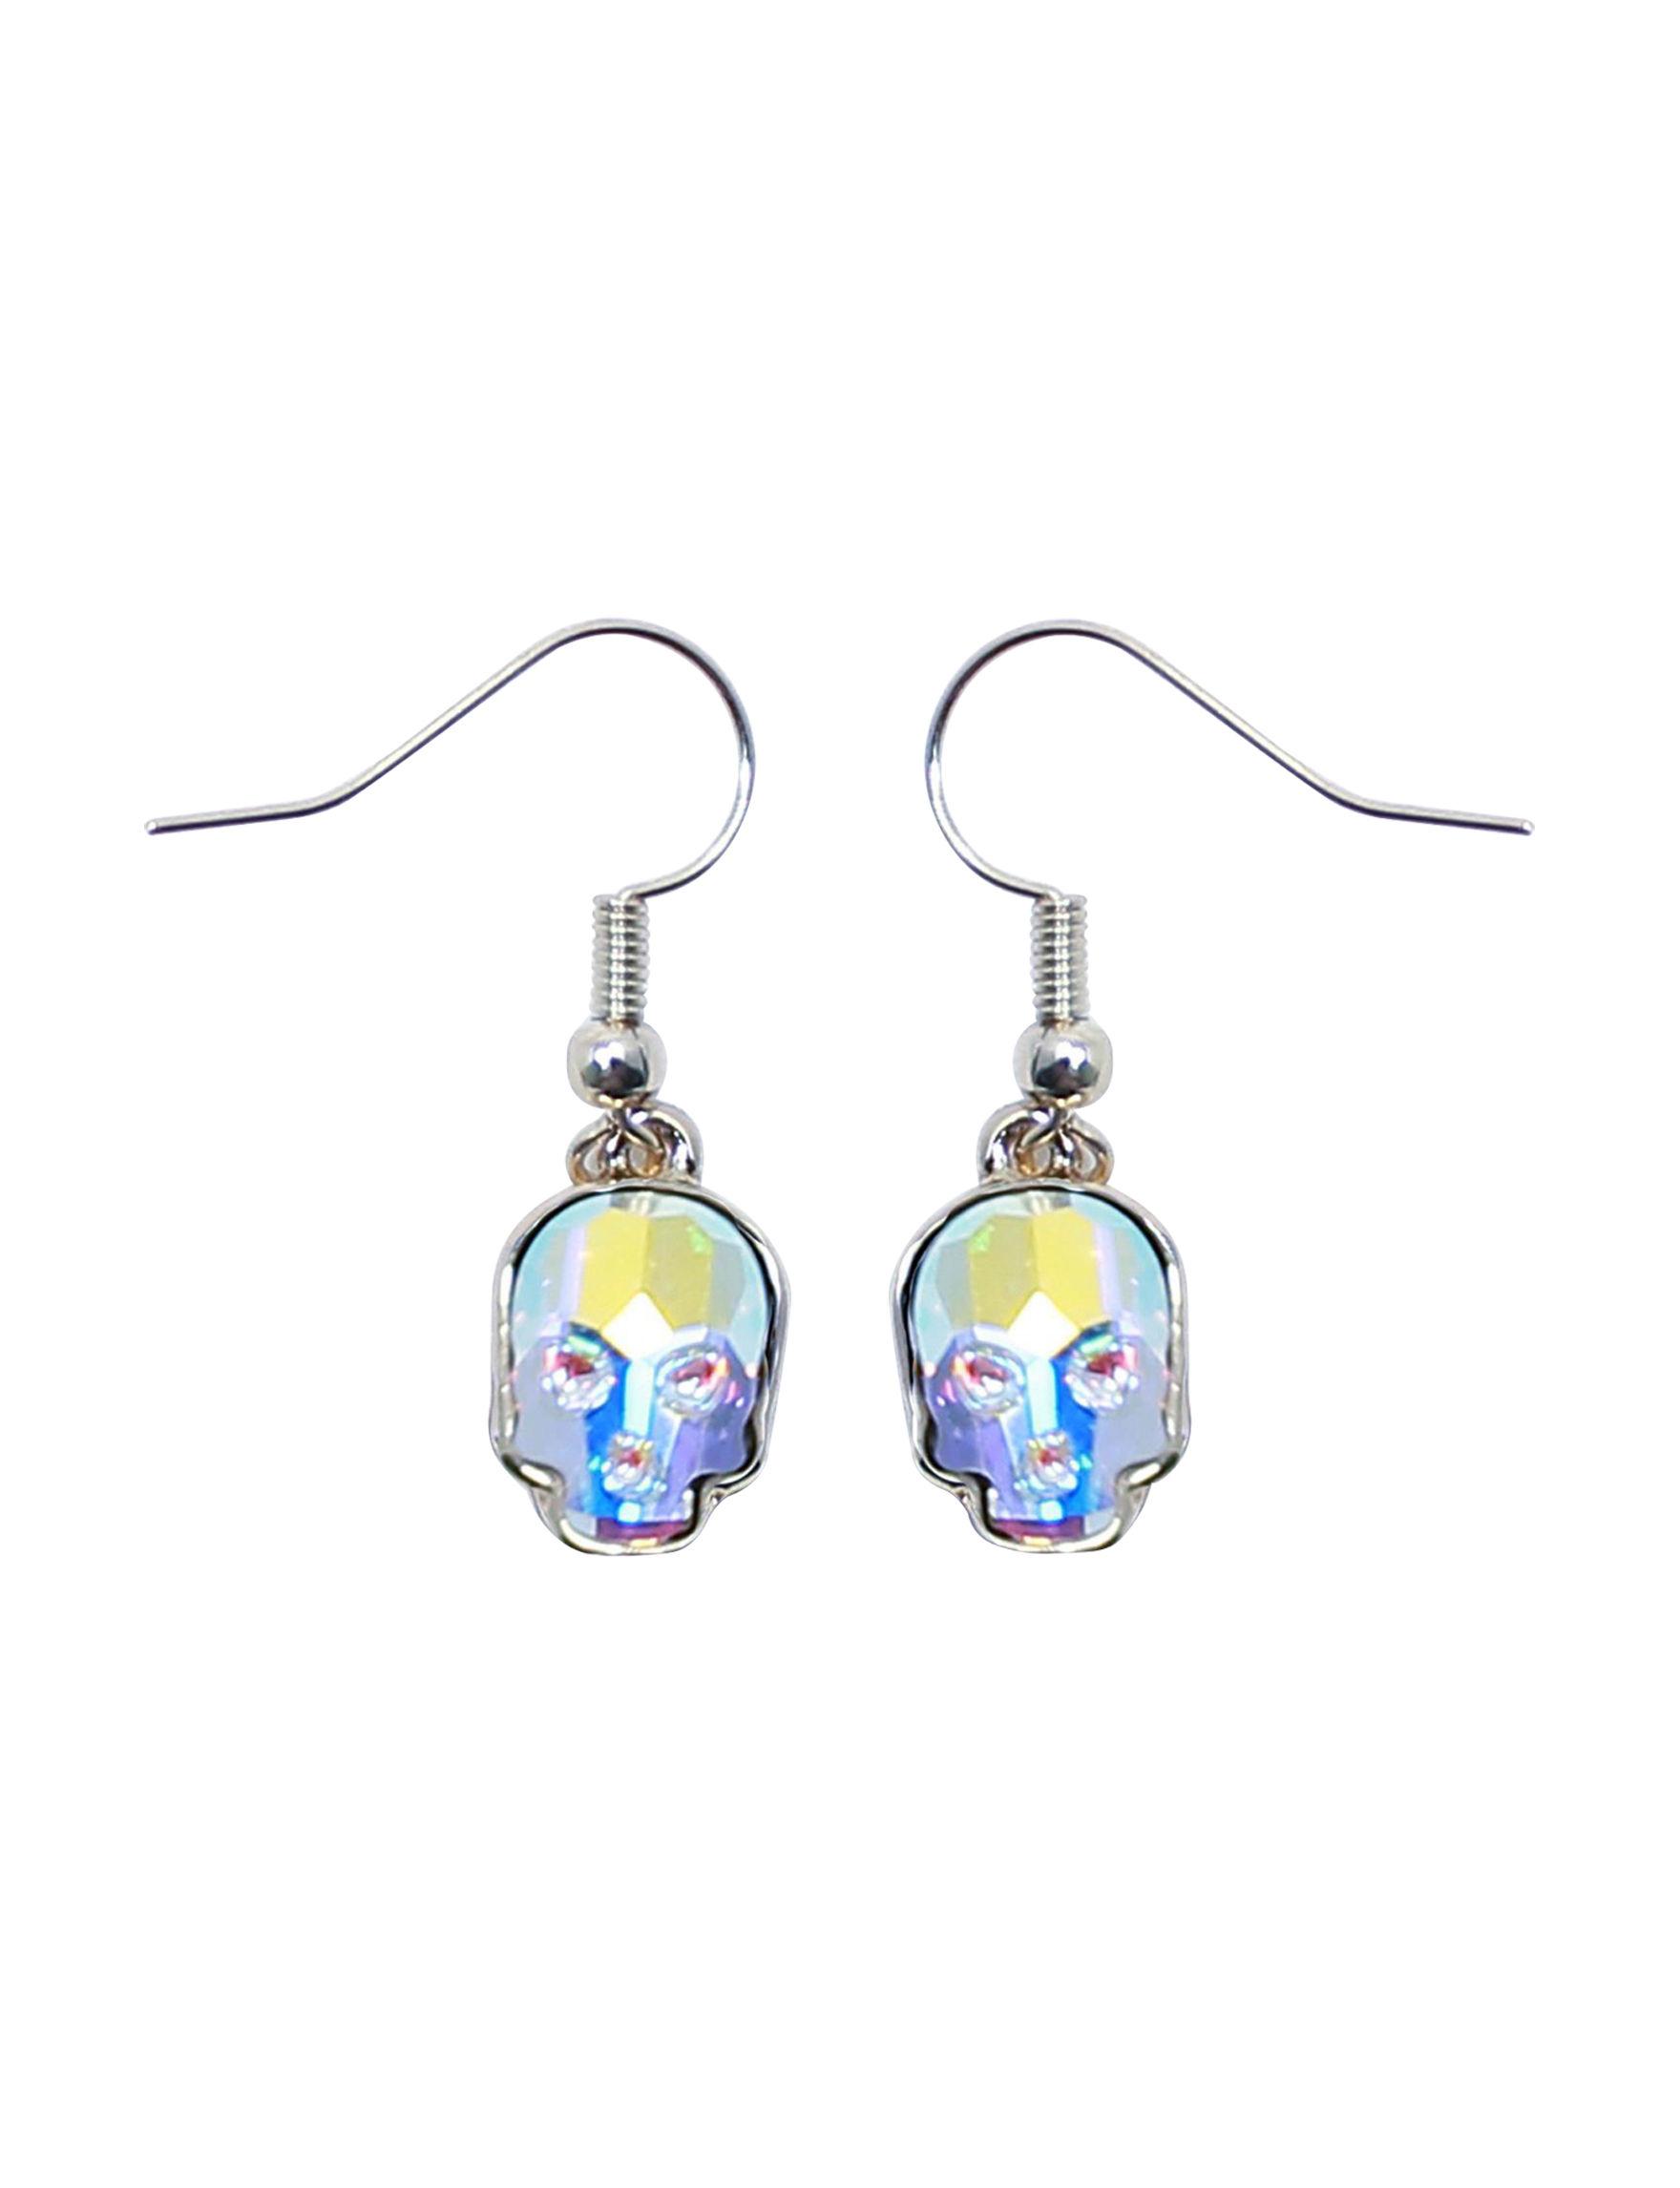 L & J Crystal Skull Drops Earrings Fine Jewelry